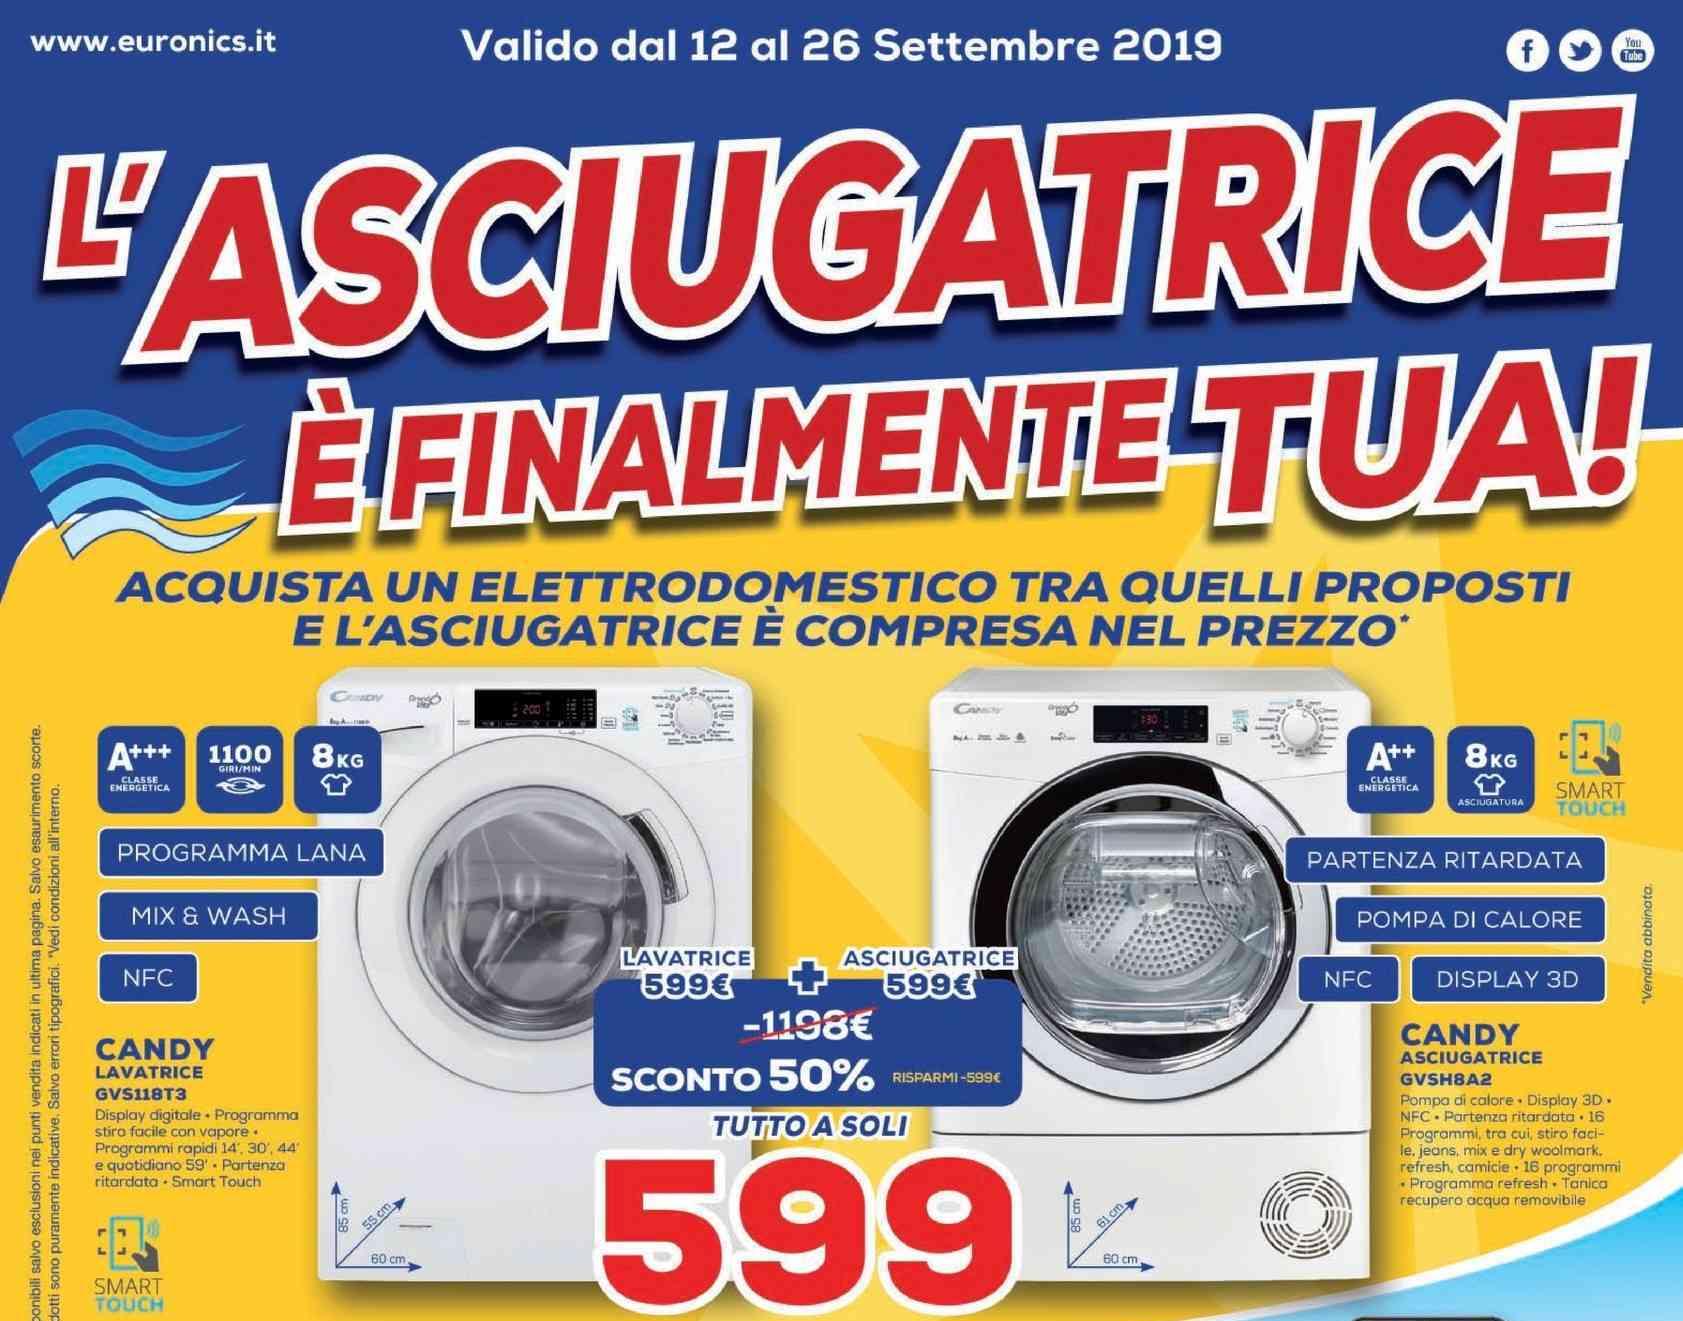 Volantino Euronics L Asciugatrice è Finalmente Tua 12 26 Settembre Non Solo Elettrodomestici Smartworld